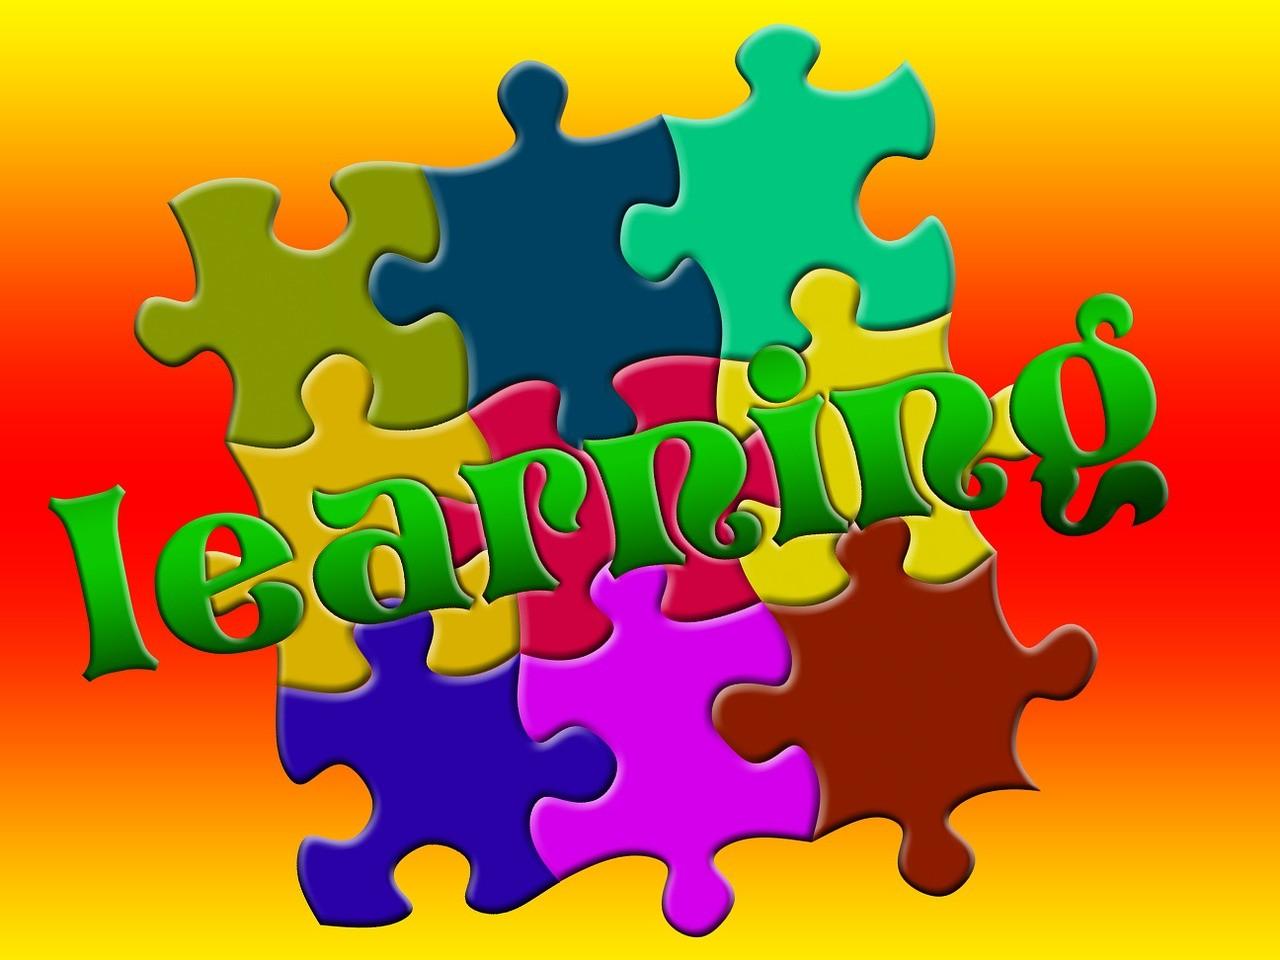 Los puzles, unos juegos plagados de beneficios